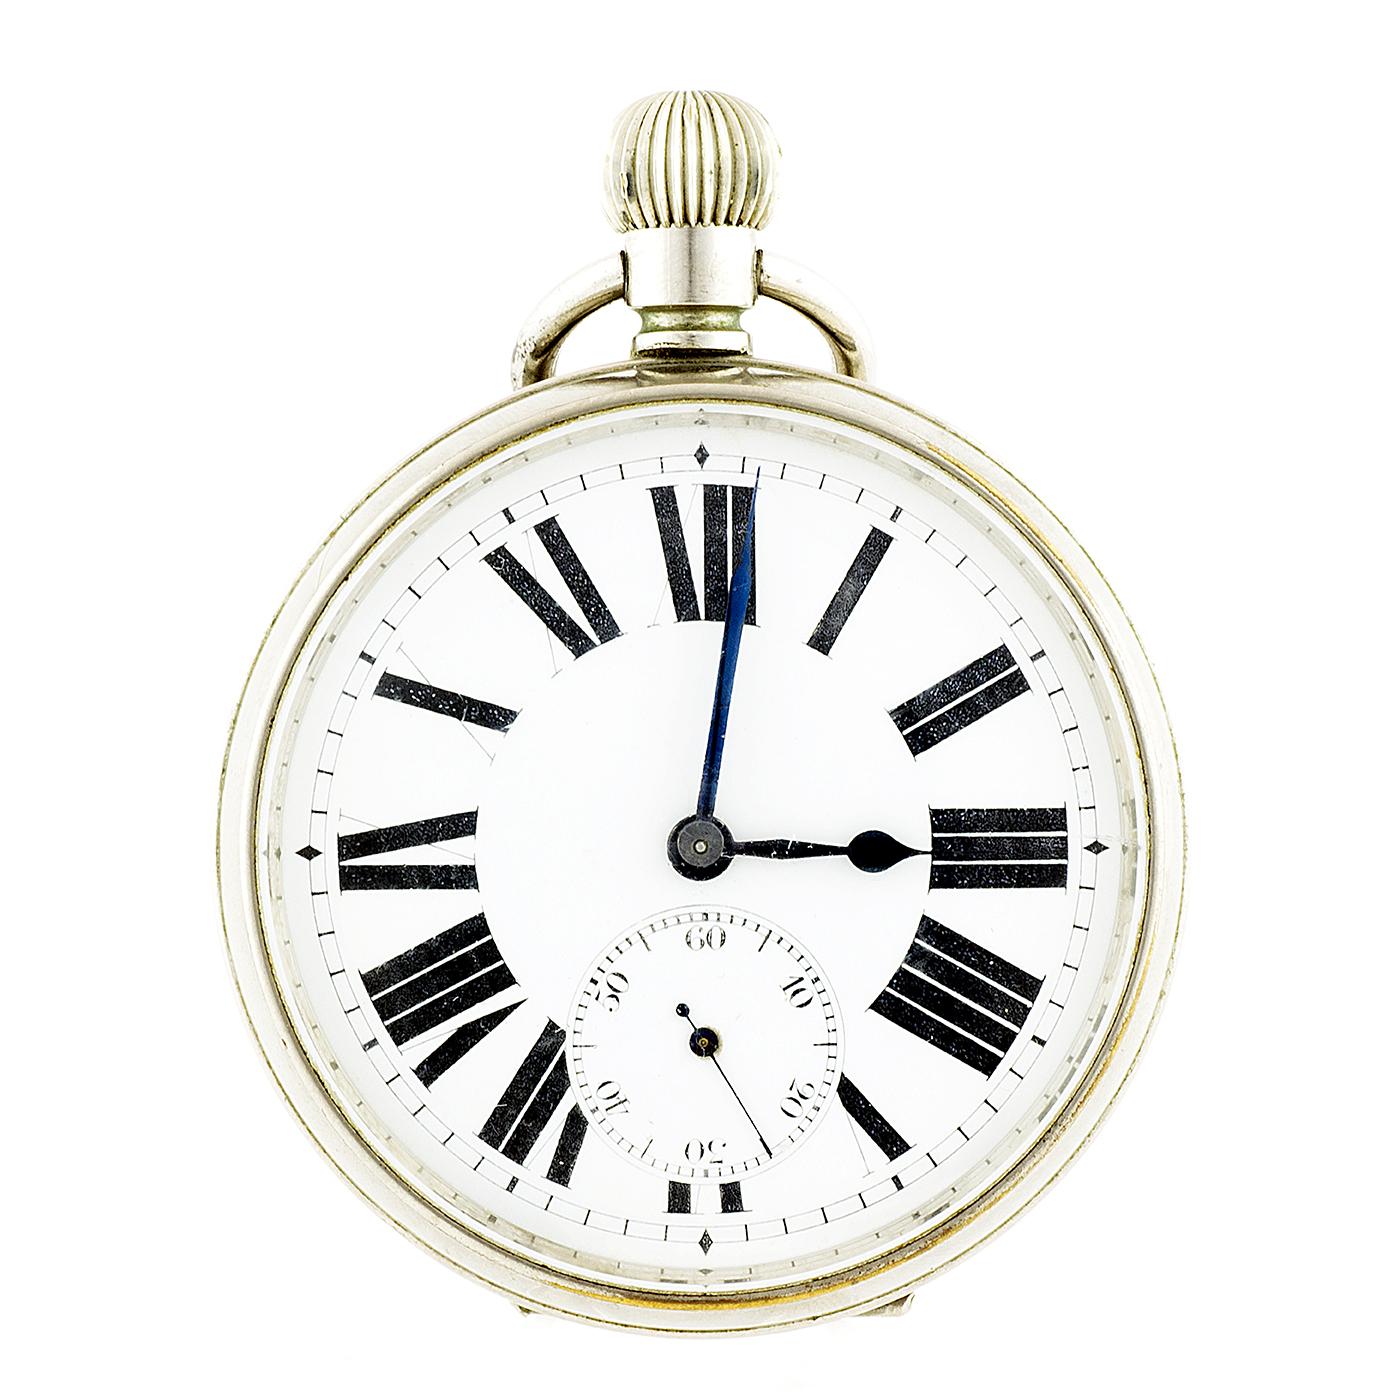 Reloj de Bolsillo, lepine y remontoir, gran tamaño. Suiza, ca. 1900